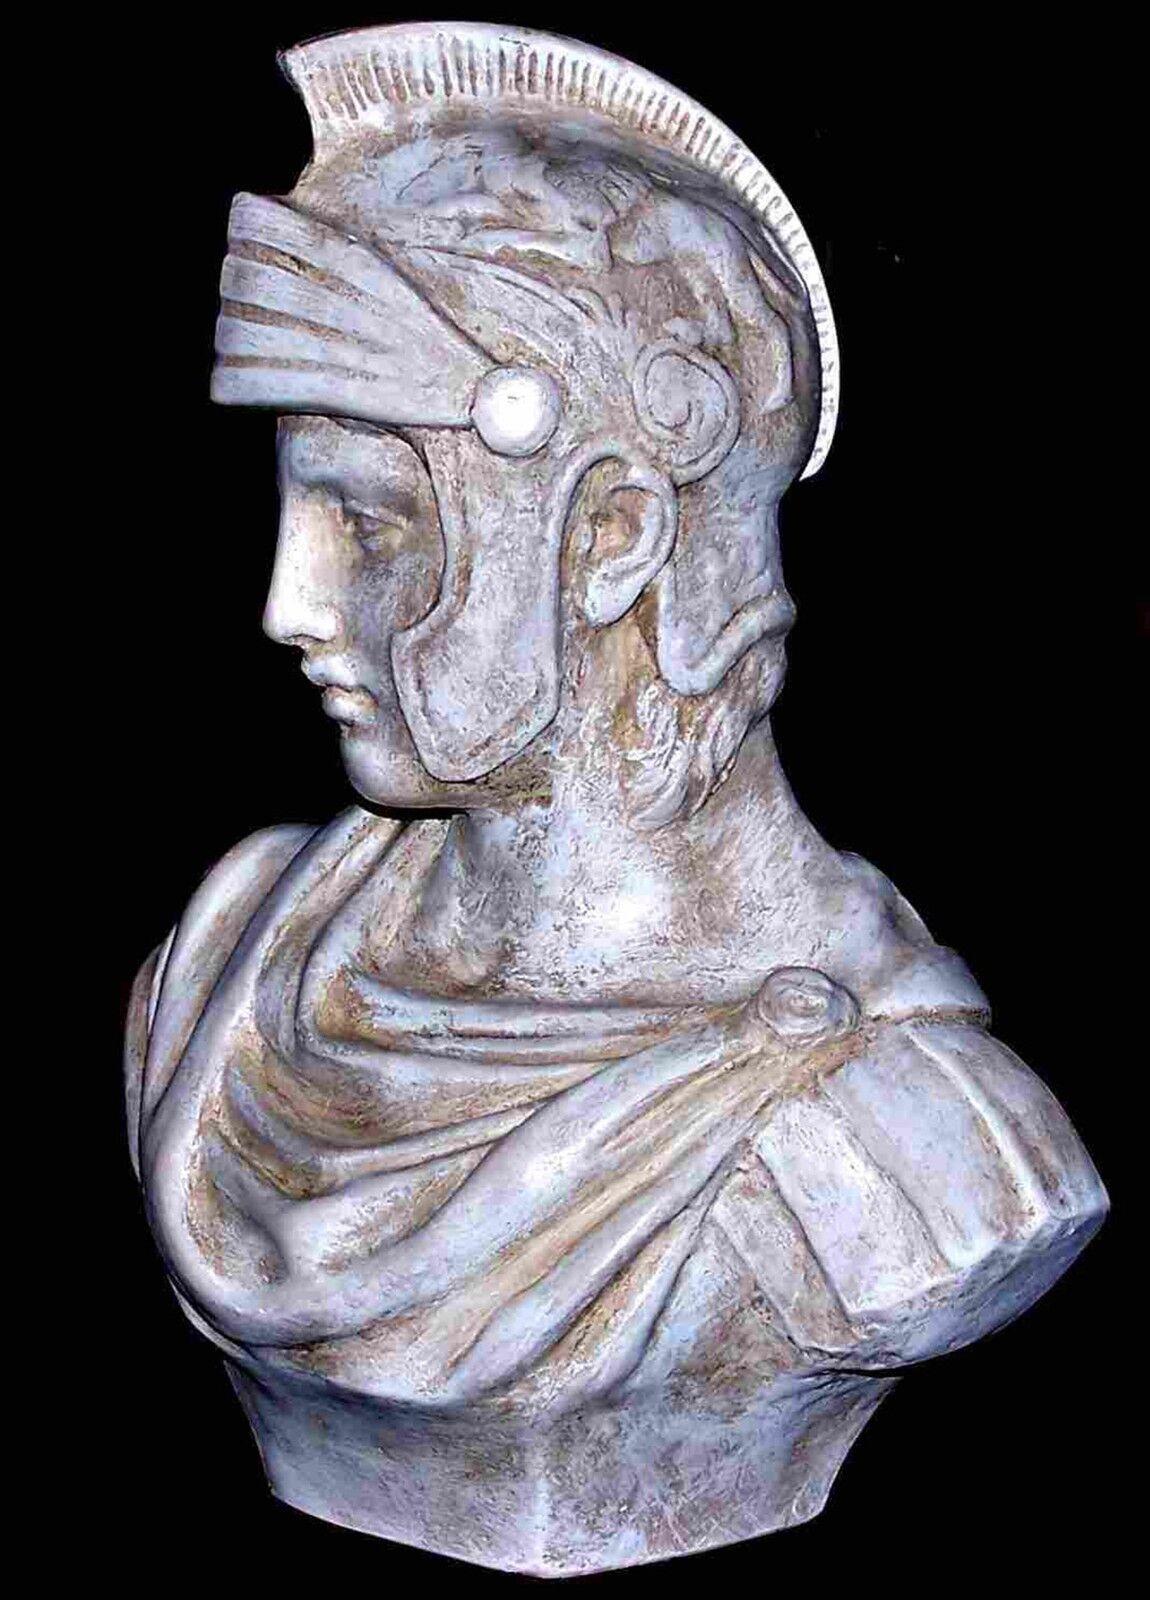 Escultura Estatua Alexander el grande arte Estatuilla Ornamento Decoración griego italiano